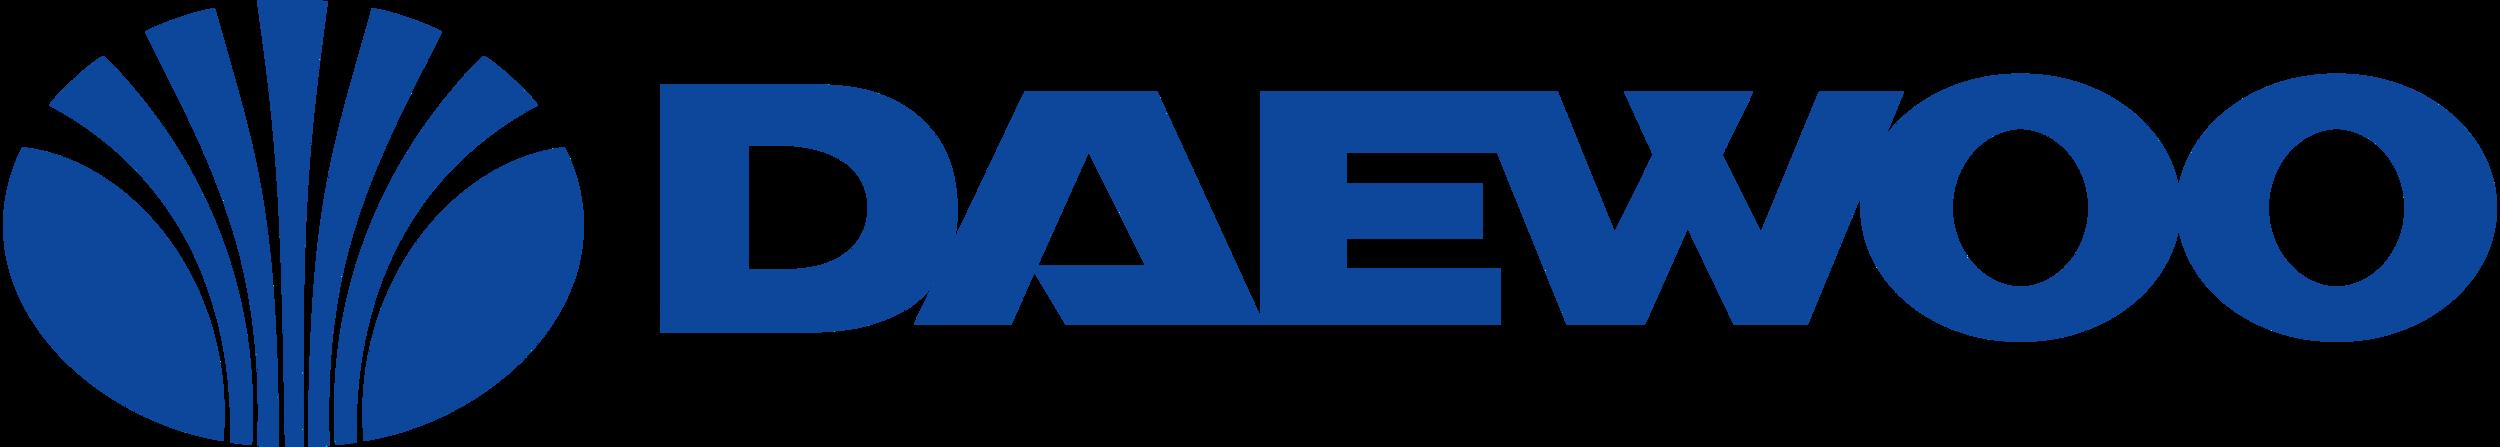 Daewoo_logo_symbol_emblem_logotype.png